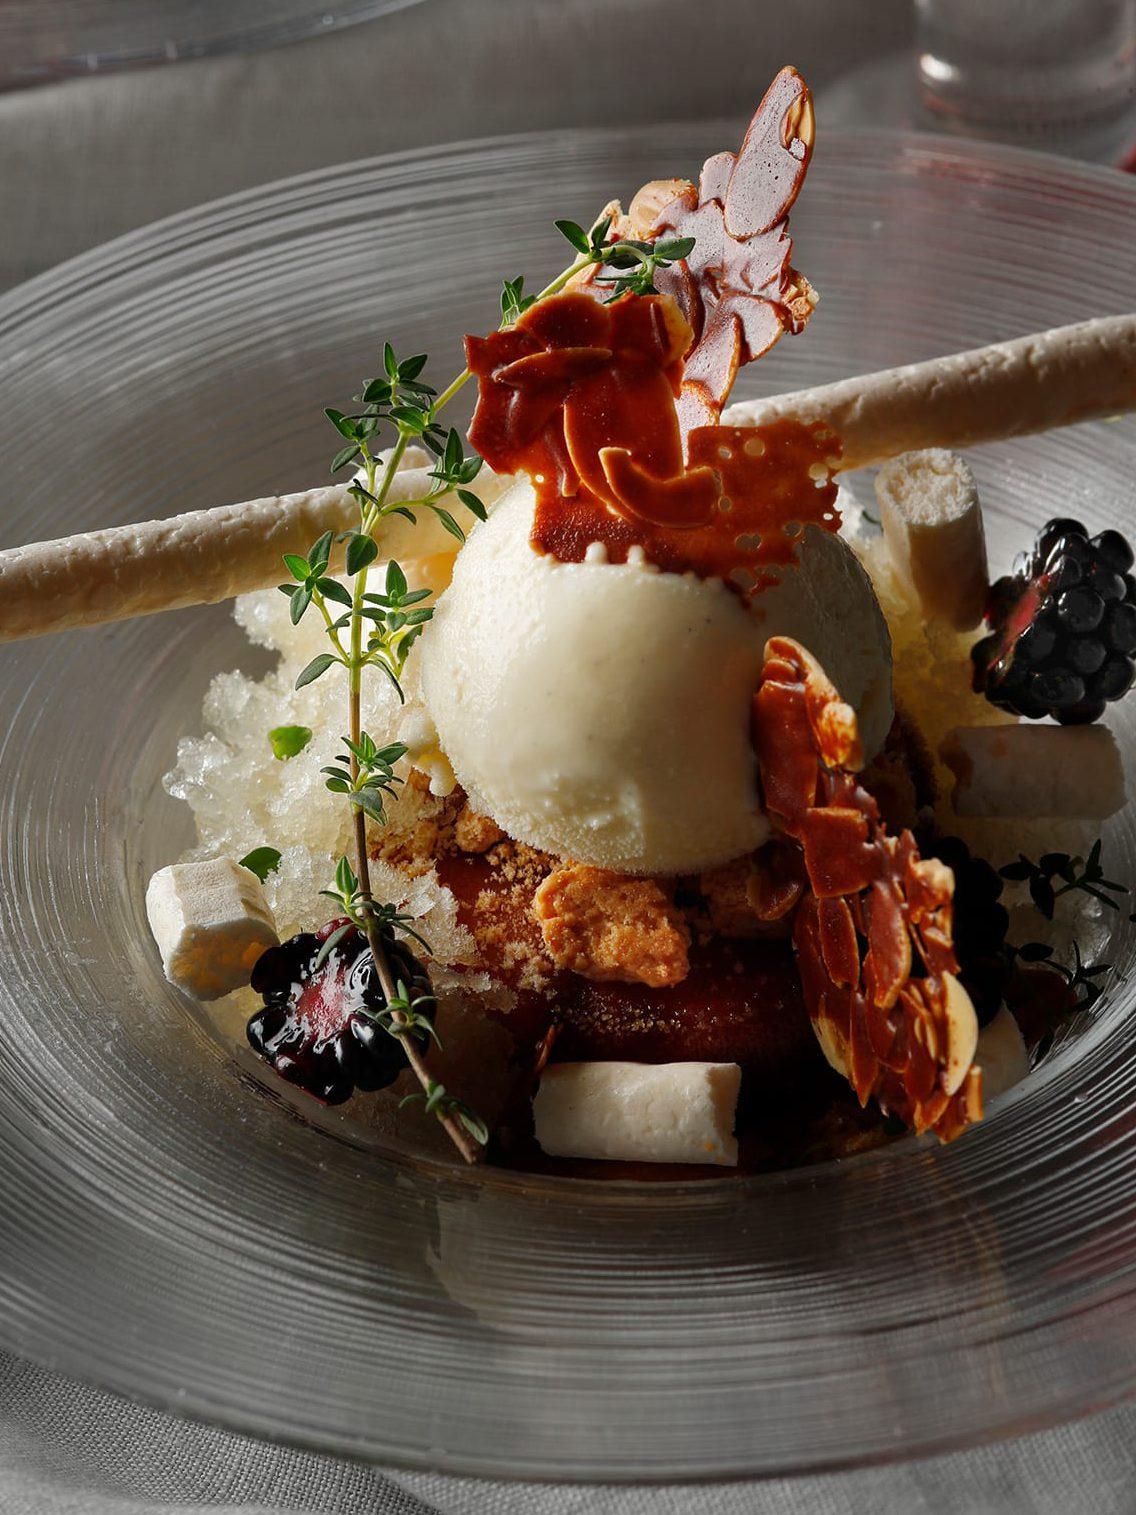 ウェスティンホテル東京の「Winter Parfaitウィンターパフェ」から、国産リンゴのタタンにカルヴァドスが香る「キャラメルポム」(2,400円・税サ別)